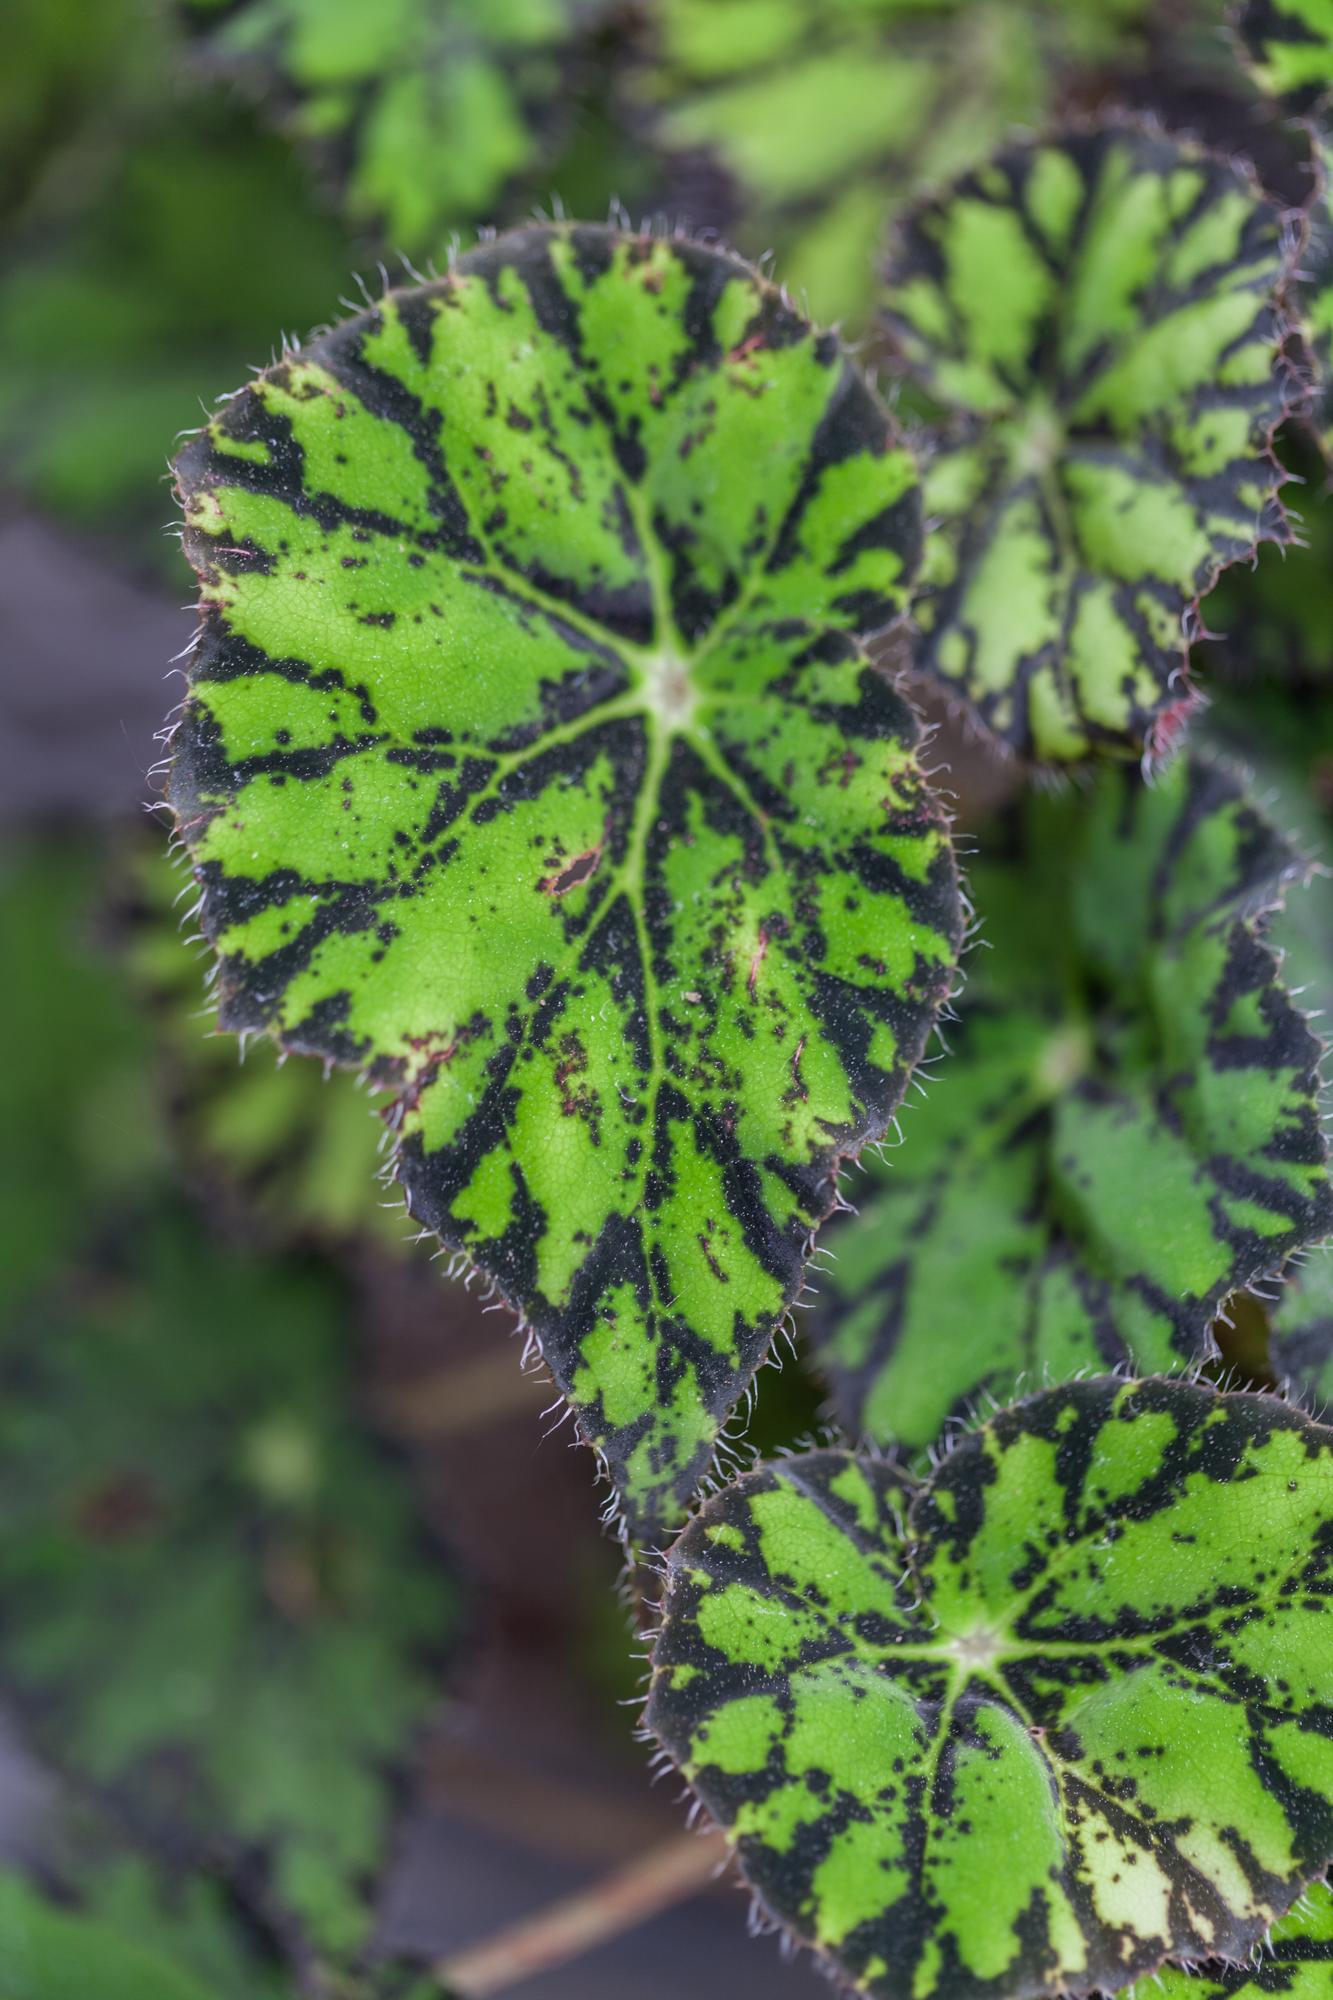 Planting-Fields-Arboretum-Greenhouse-Homestead-Brooklyn-begonia.jpg